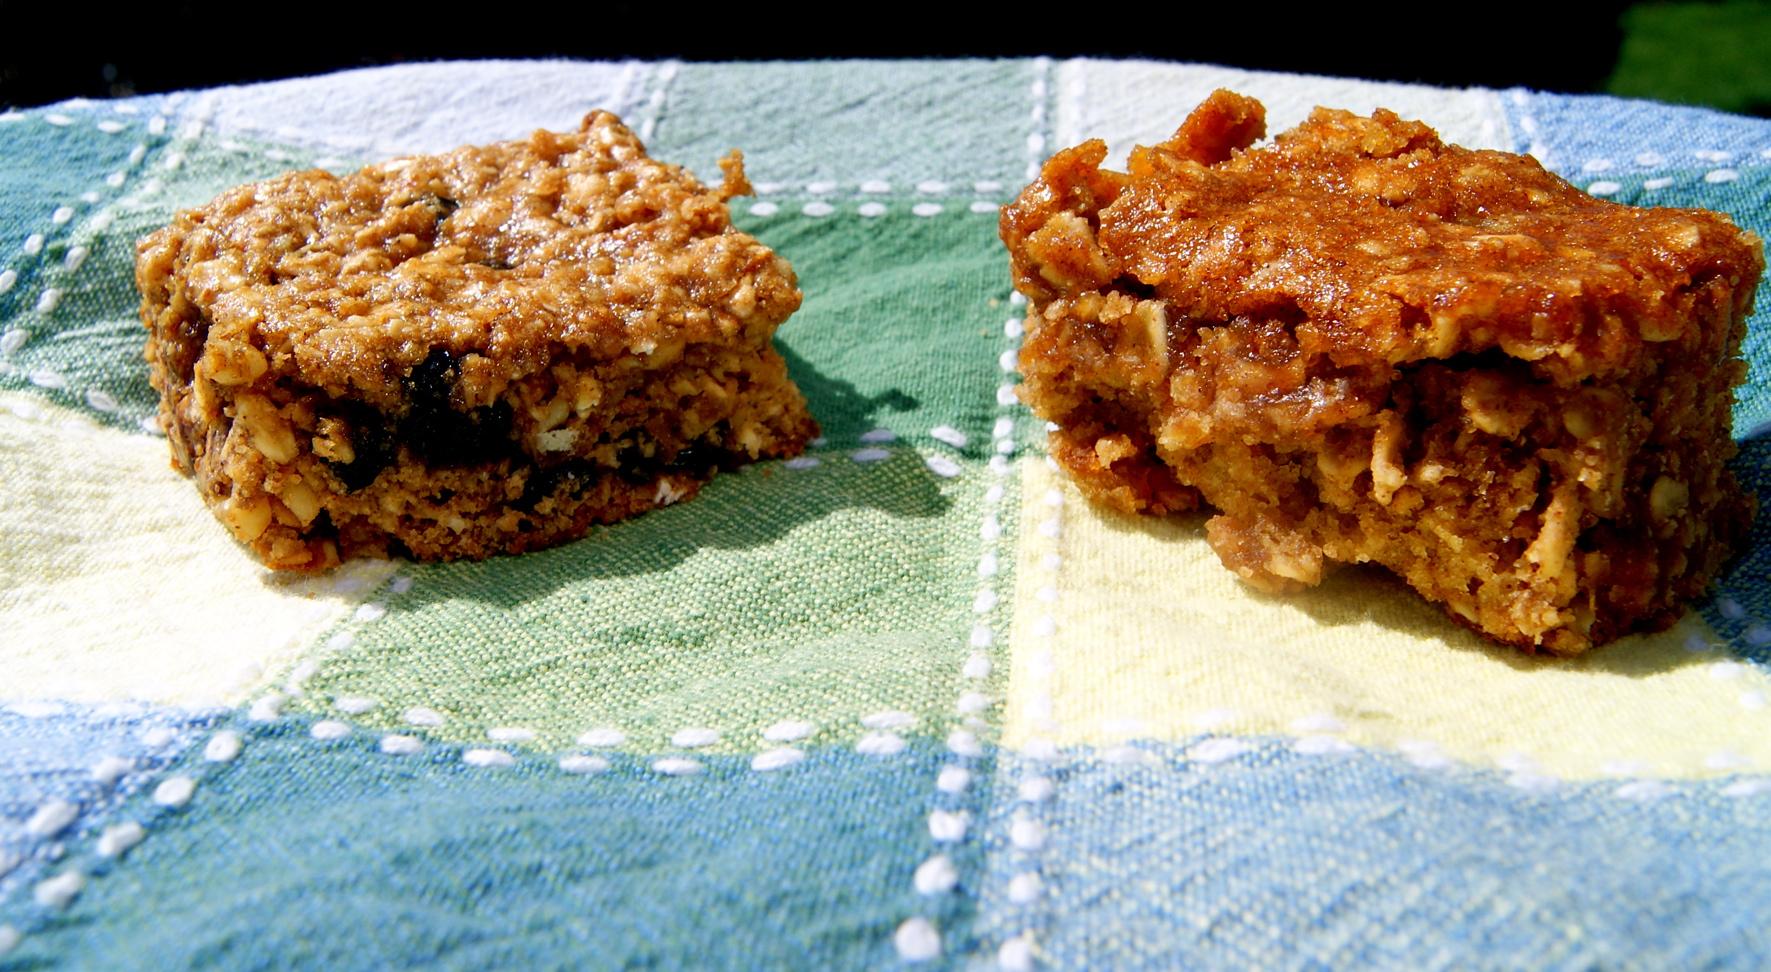 My two winning granola bars